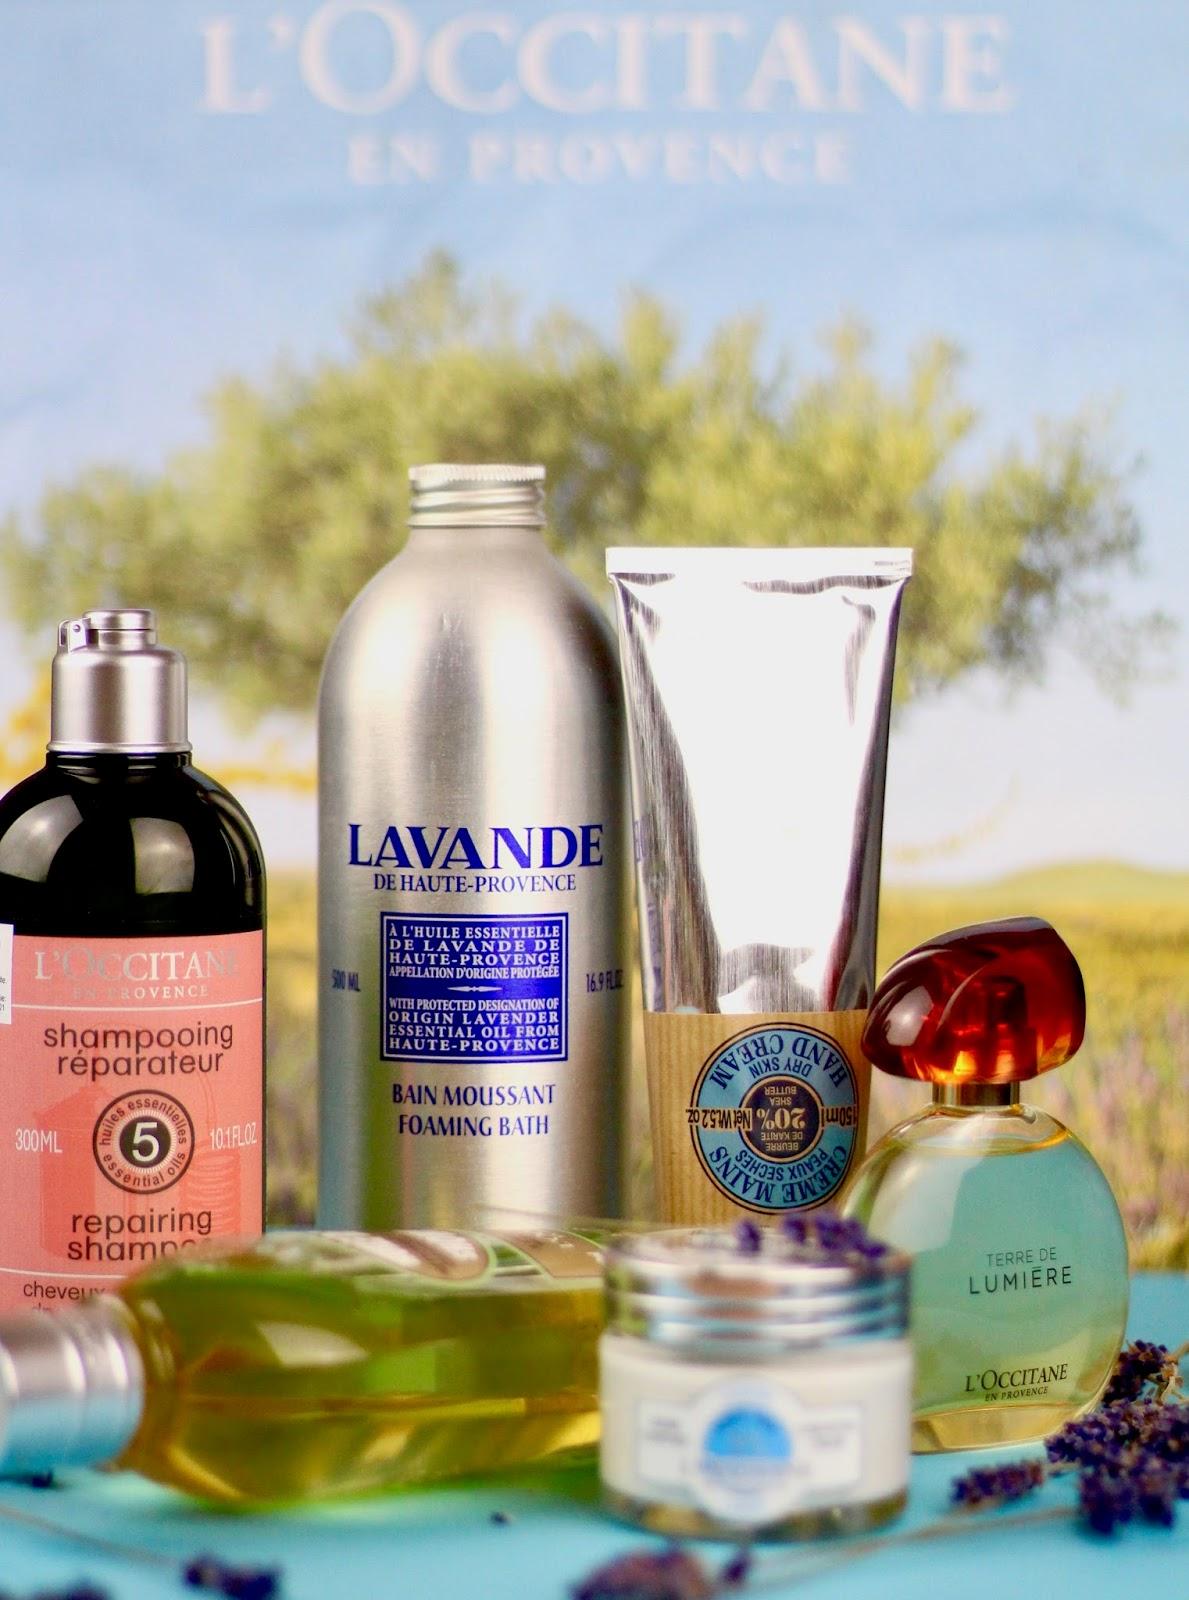 loccitane súťaž o balíček kozmetiky